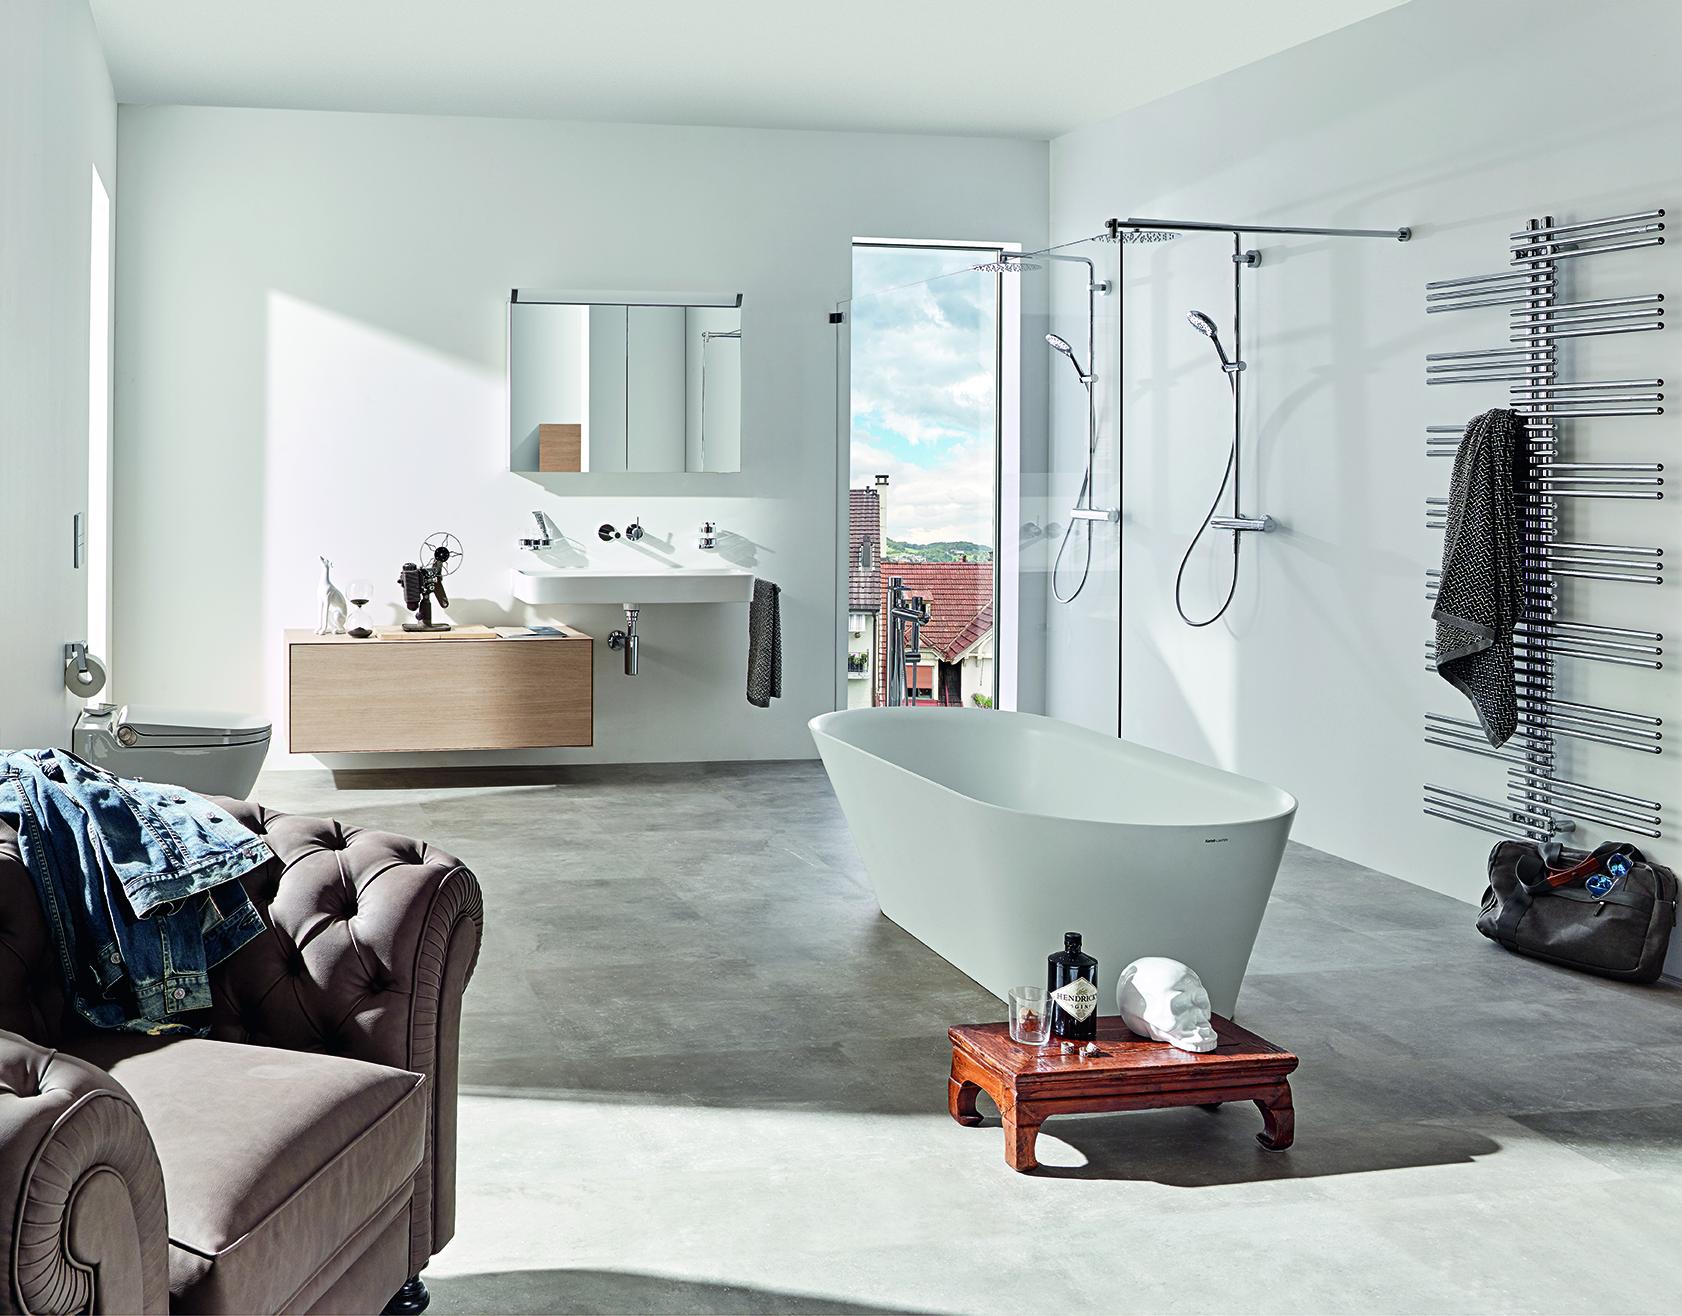 Das Badezimmer mit Wohnzimmer-Atmosphäre